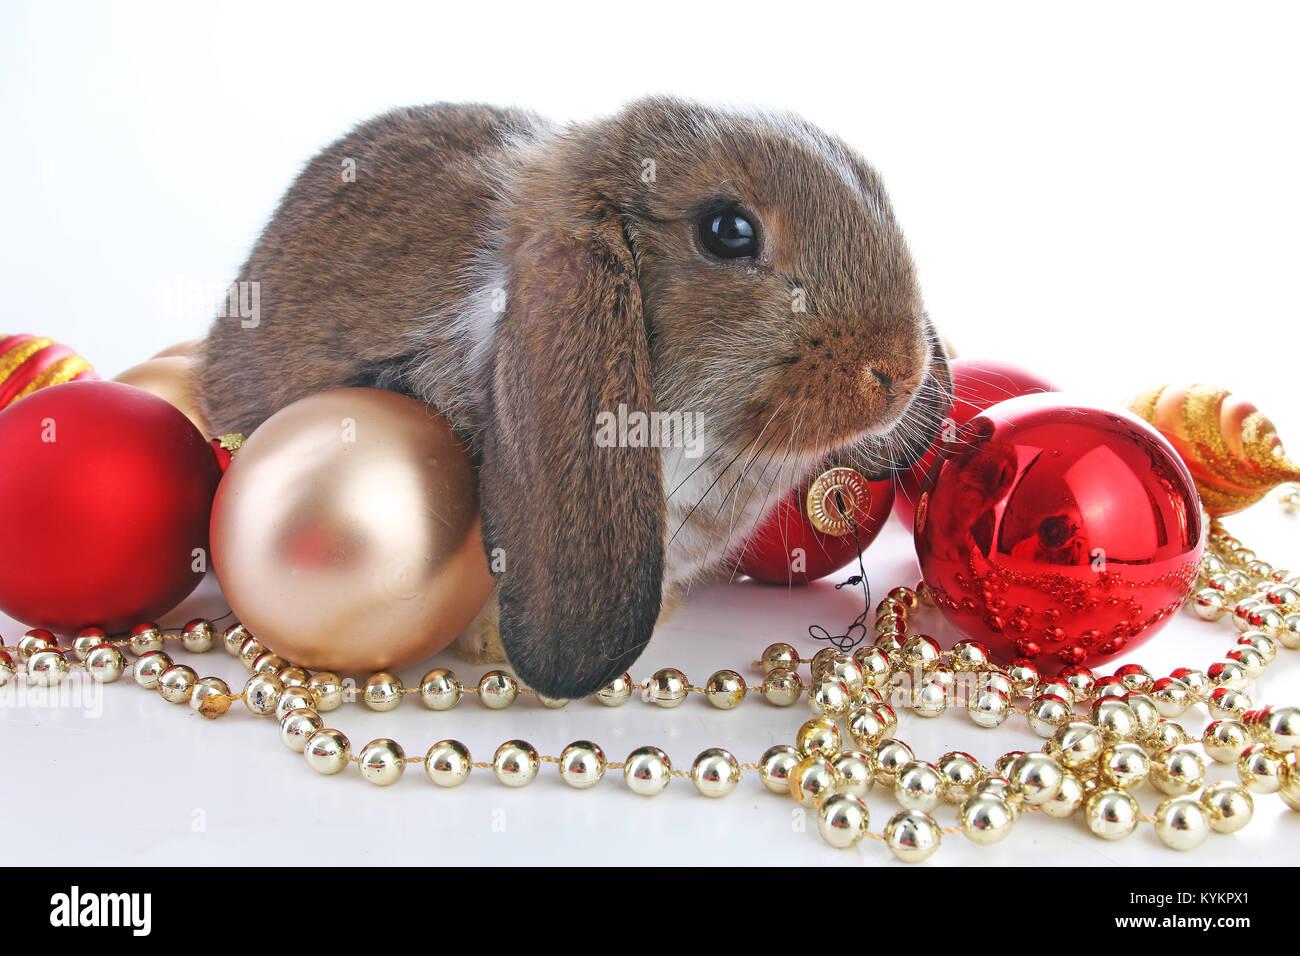 Bilder Weihnachten Tiere.Weihnachten Tiere Süße Weihnachten Kaninchen Kaninchen Bunny Lop